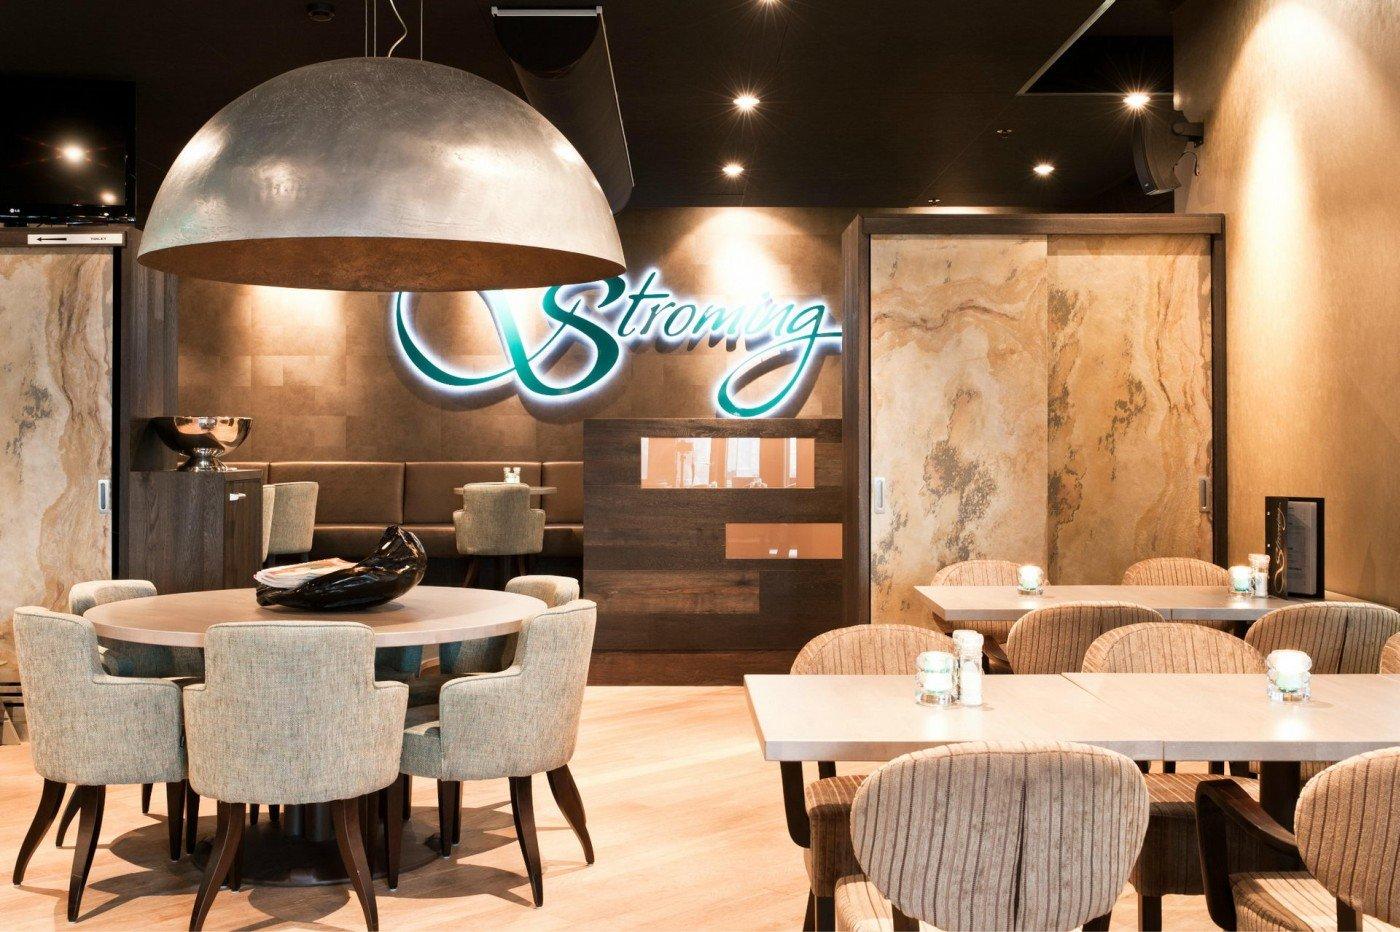 Restaurant Stroming